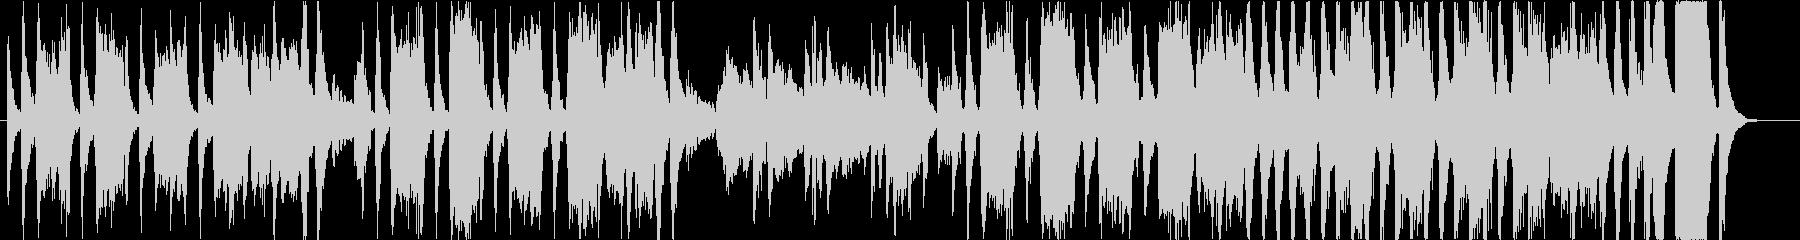 ほのぼの怪しいコメディコミカルファゴットの未再生の波形